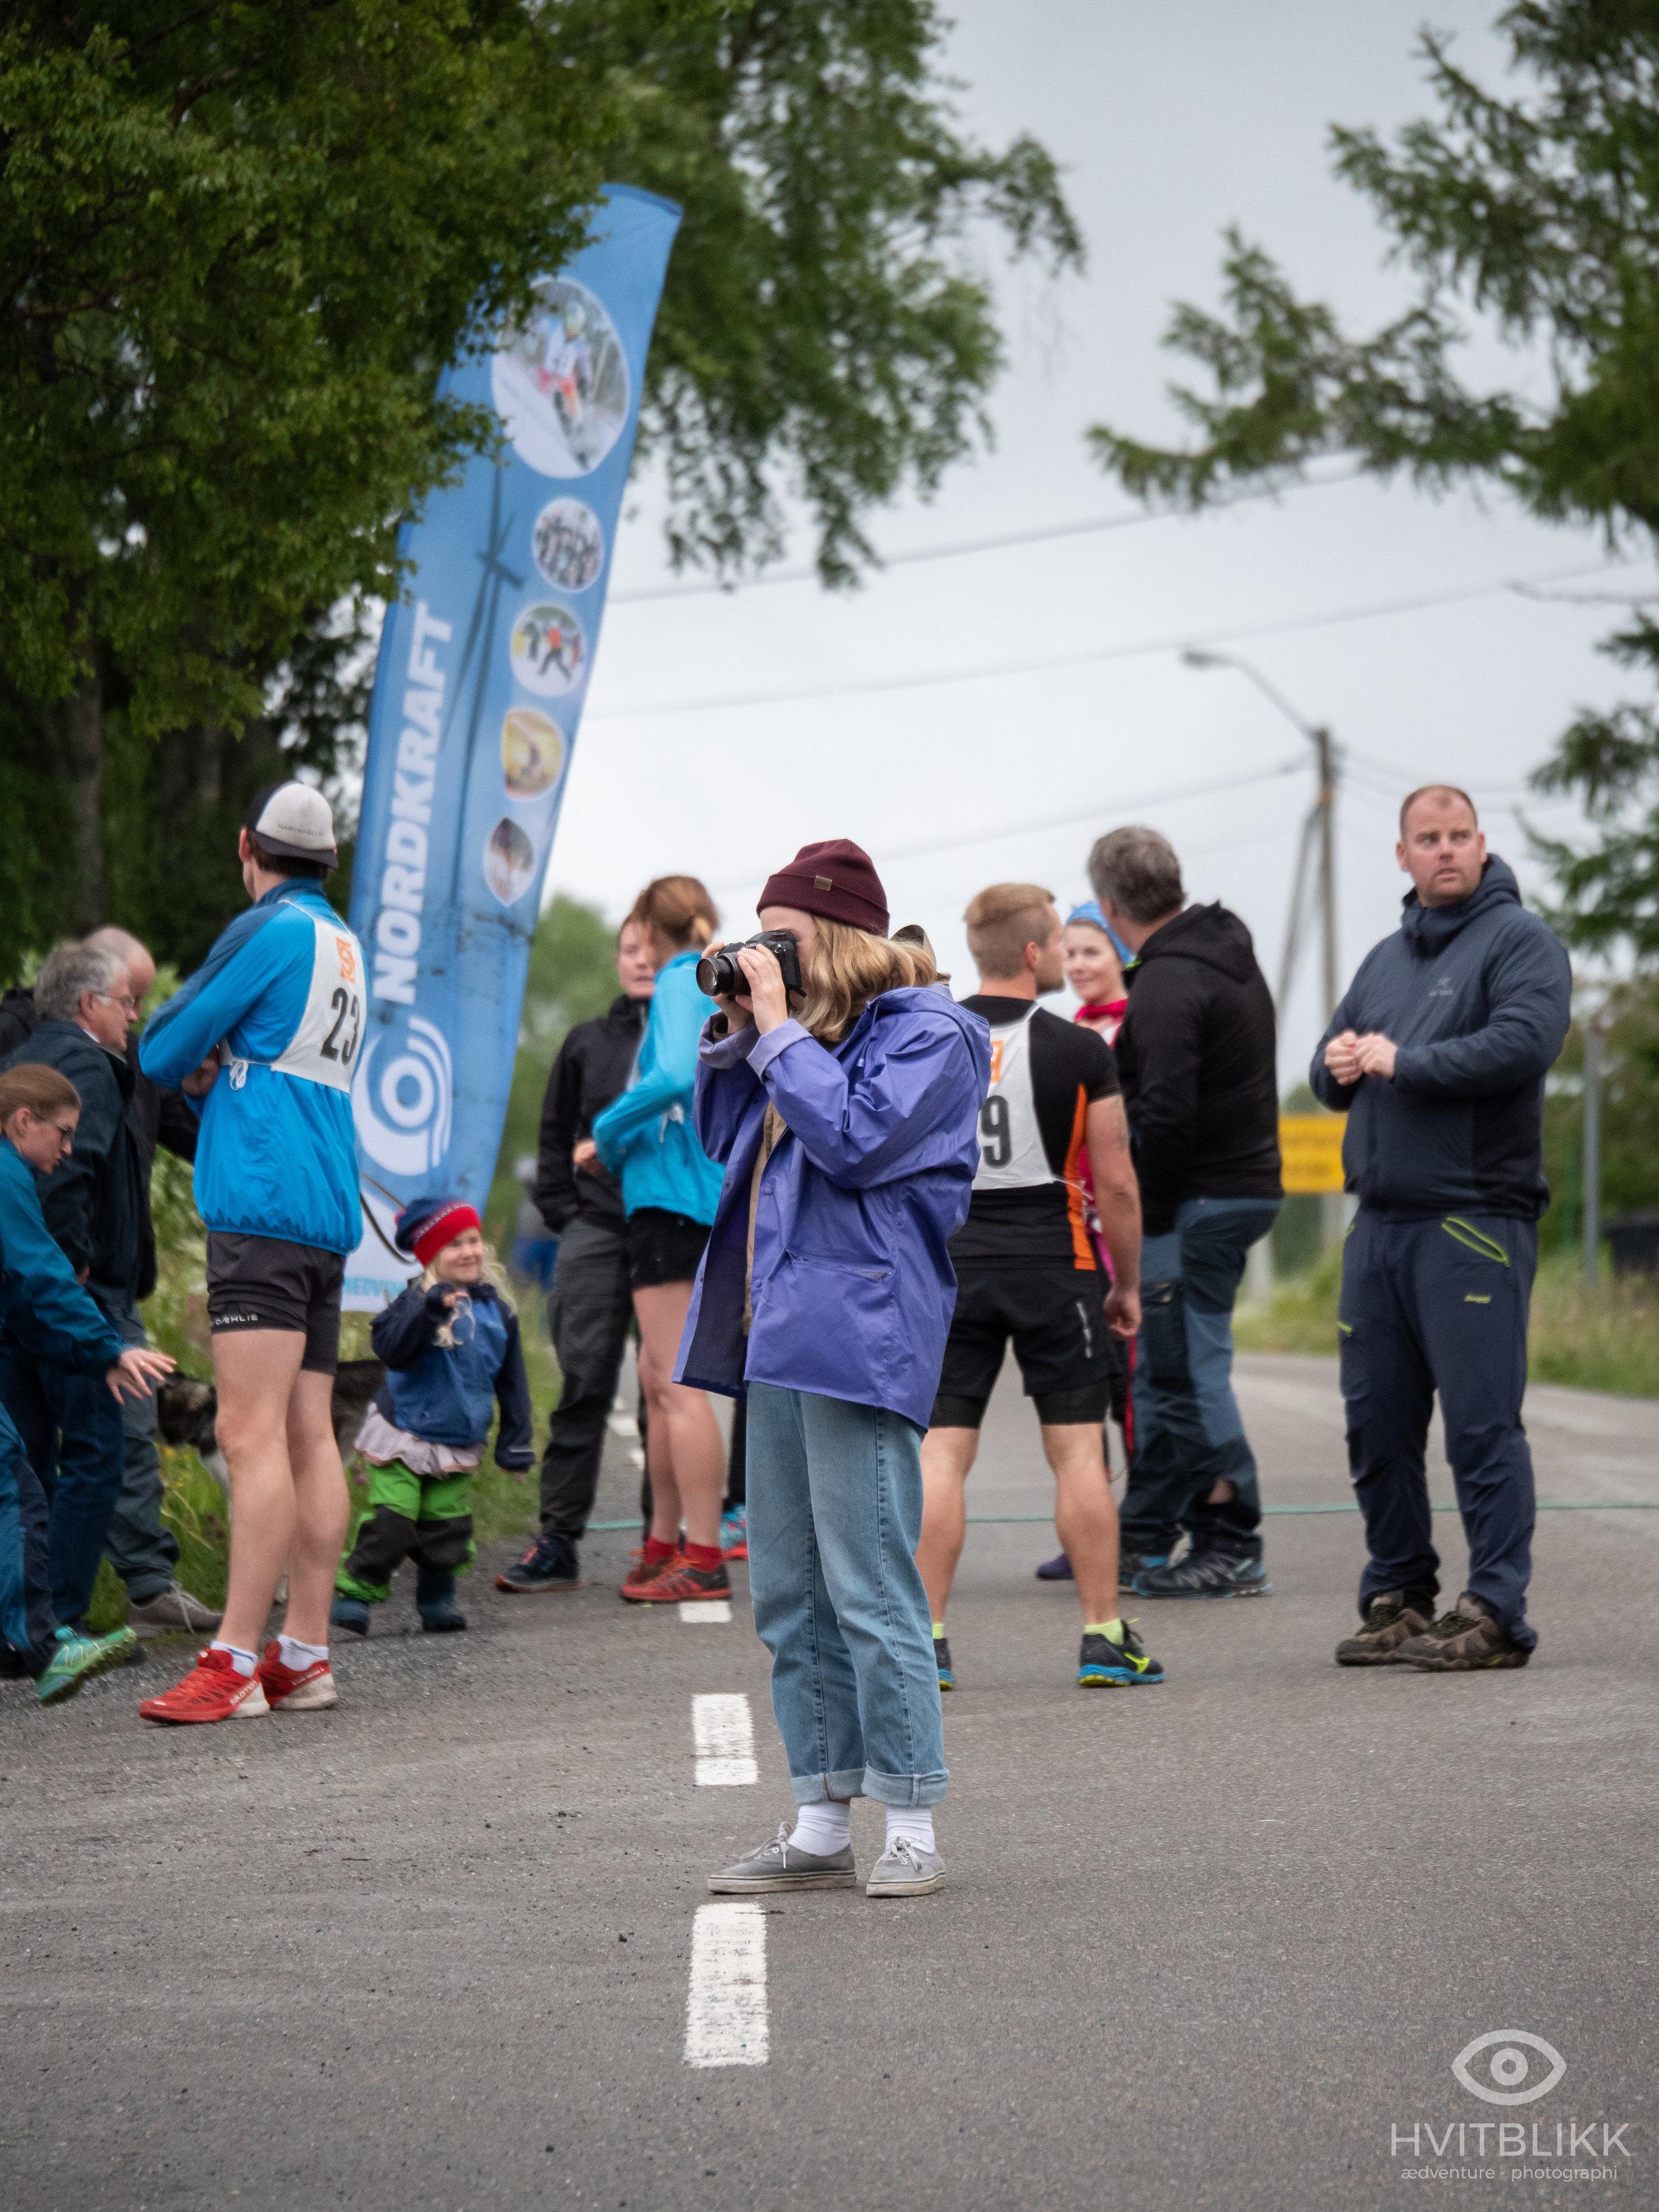 Ellingjord-Hvitblikk_20190621NOR3443.jpg